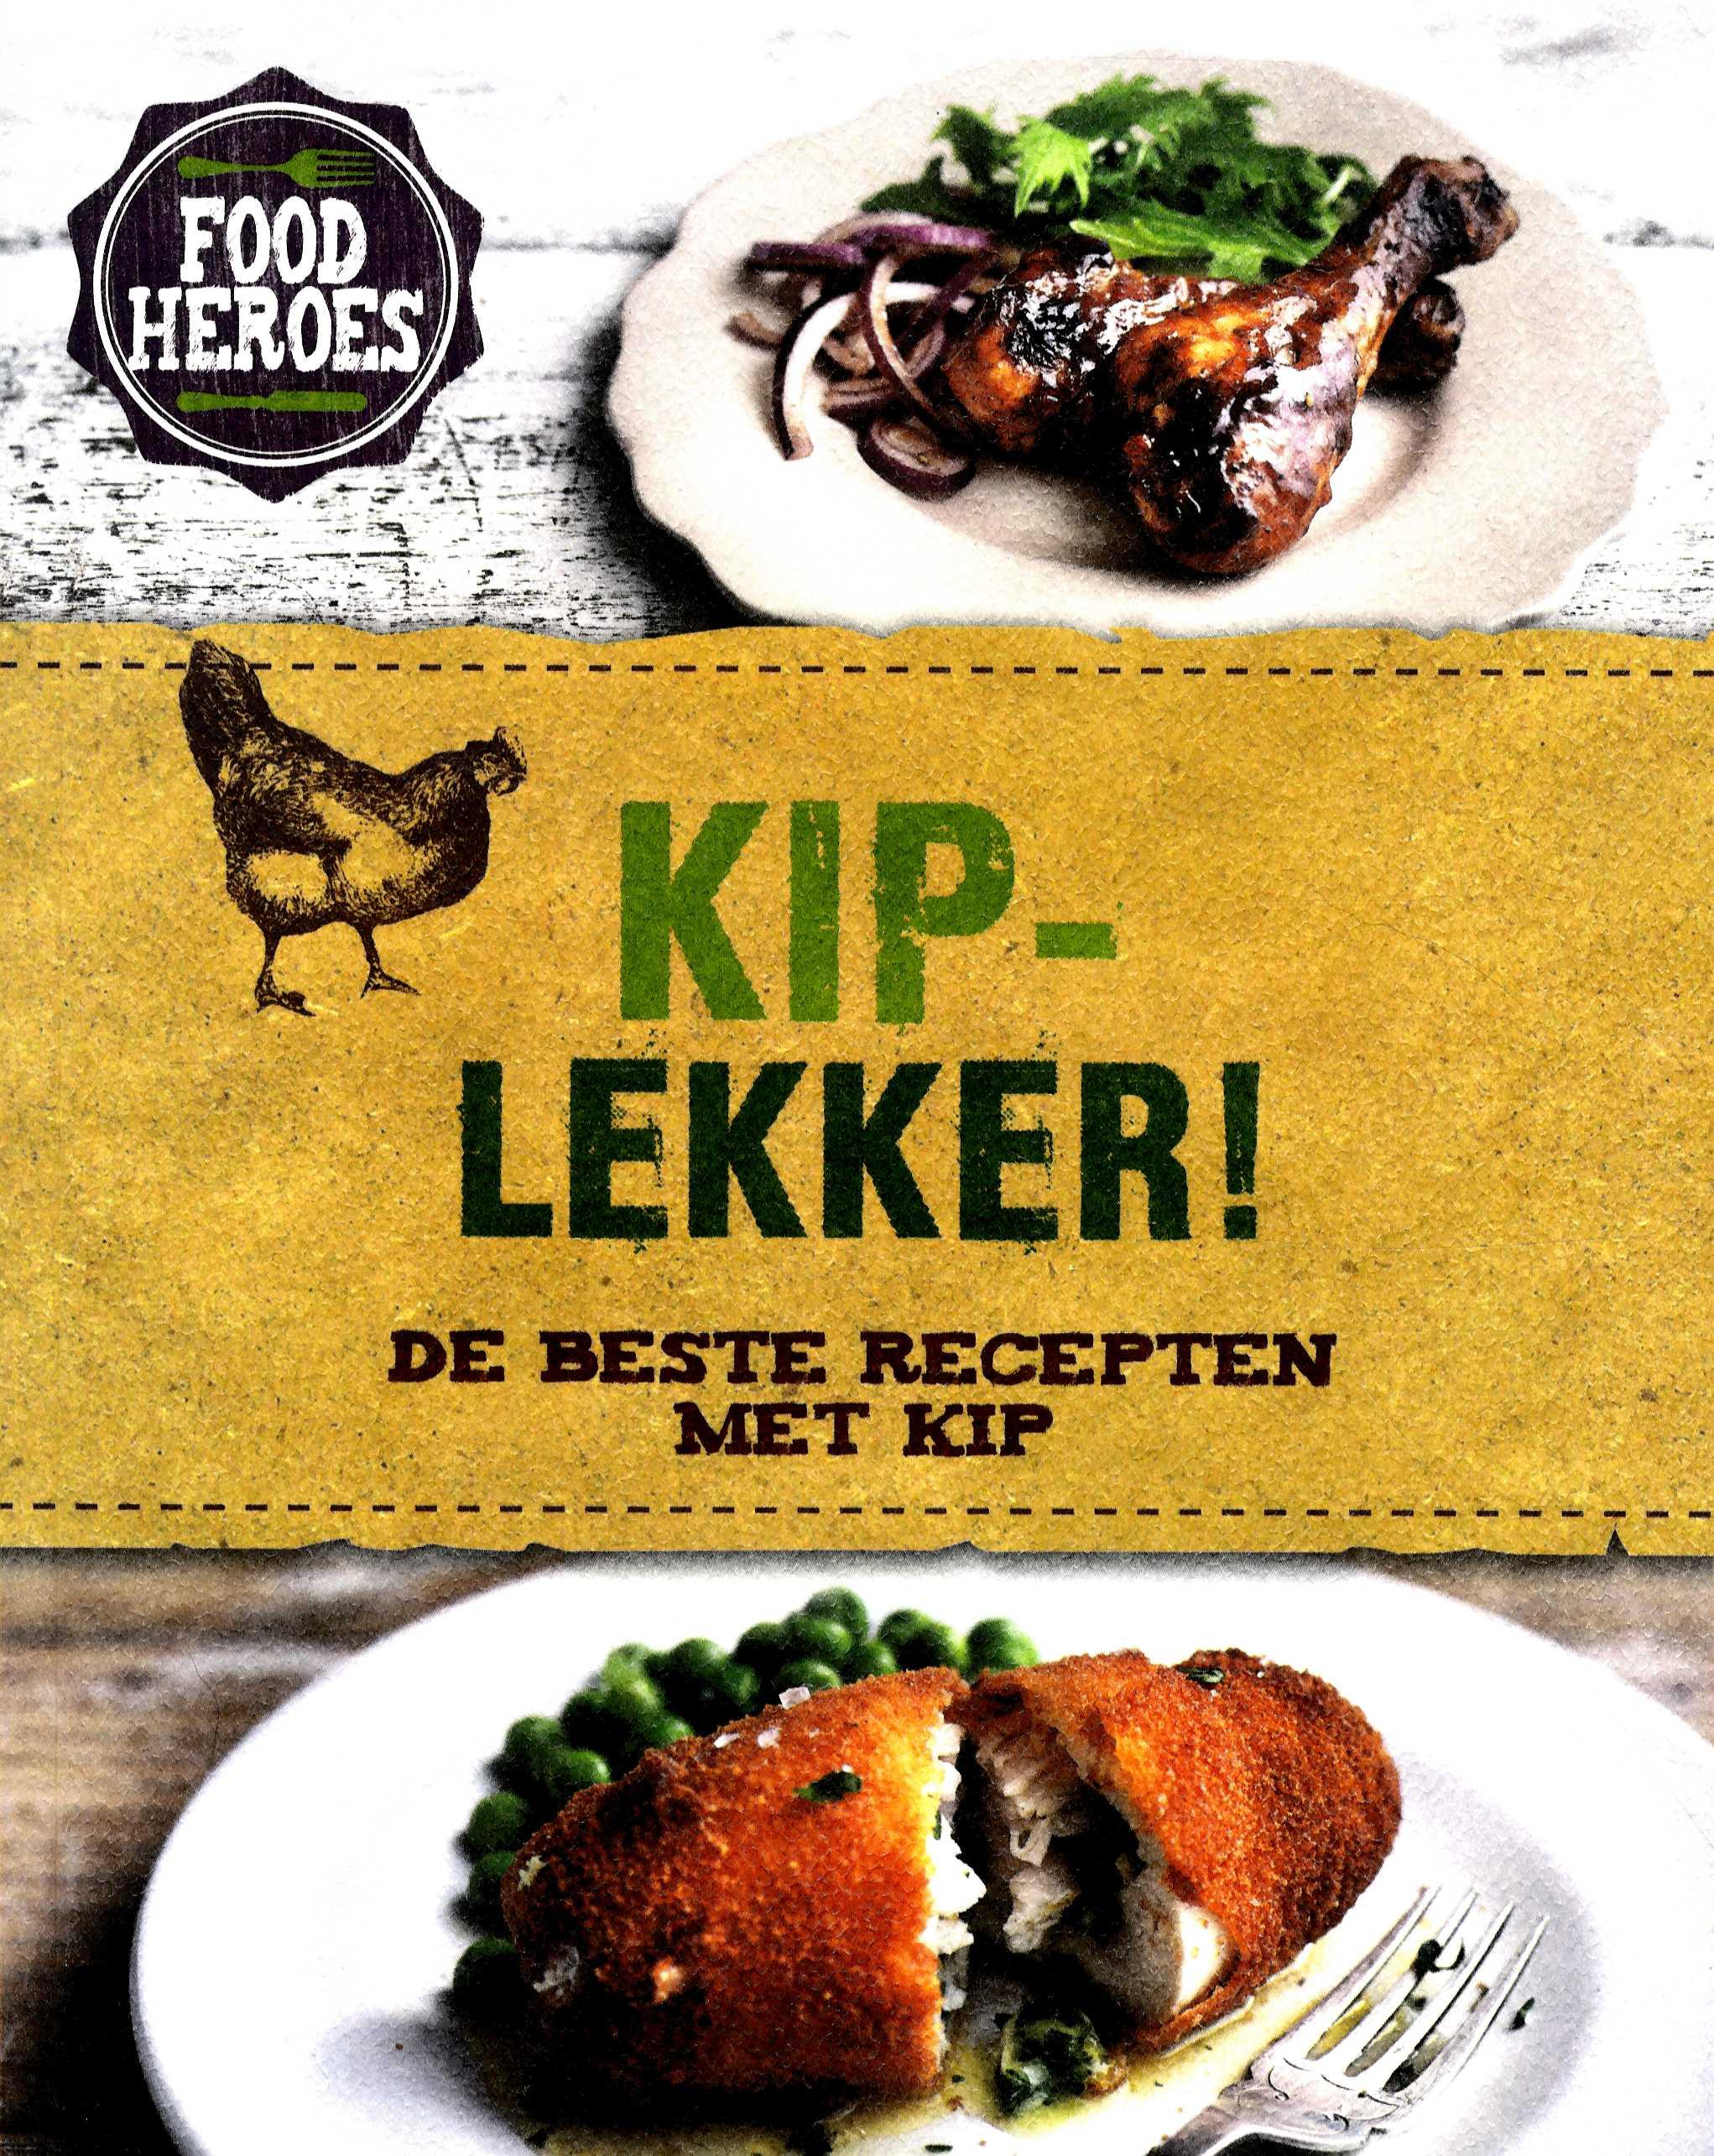 Food heroes Kiplekker